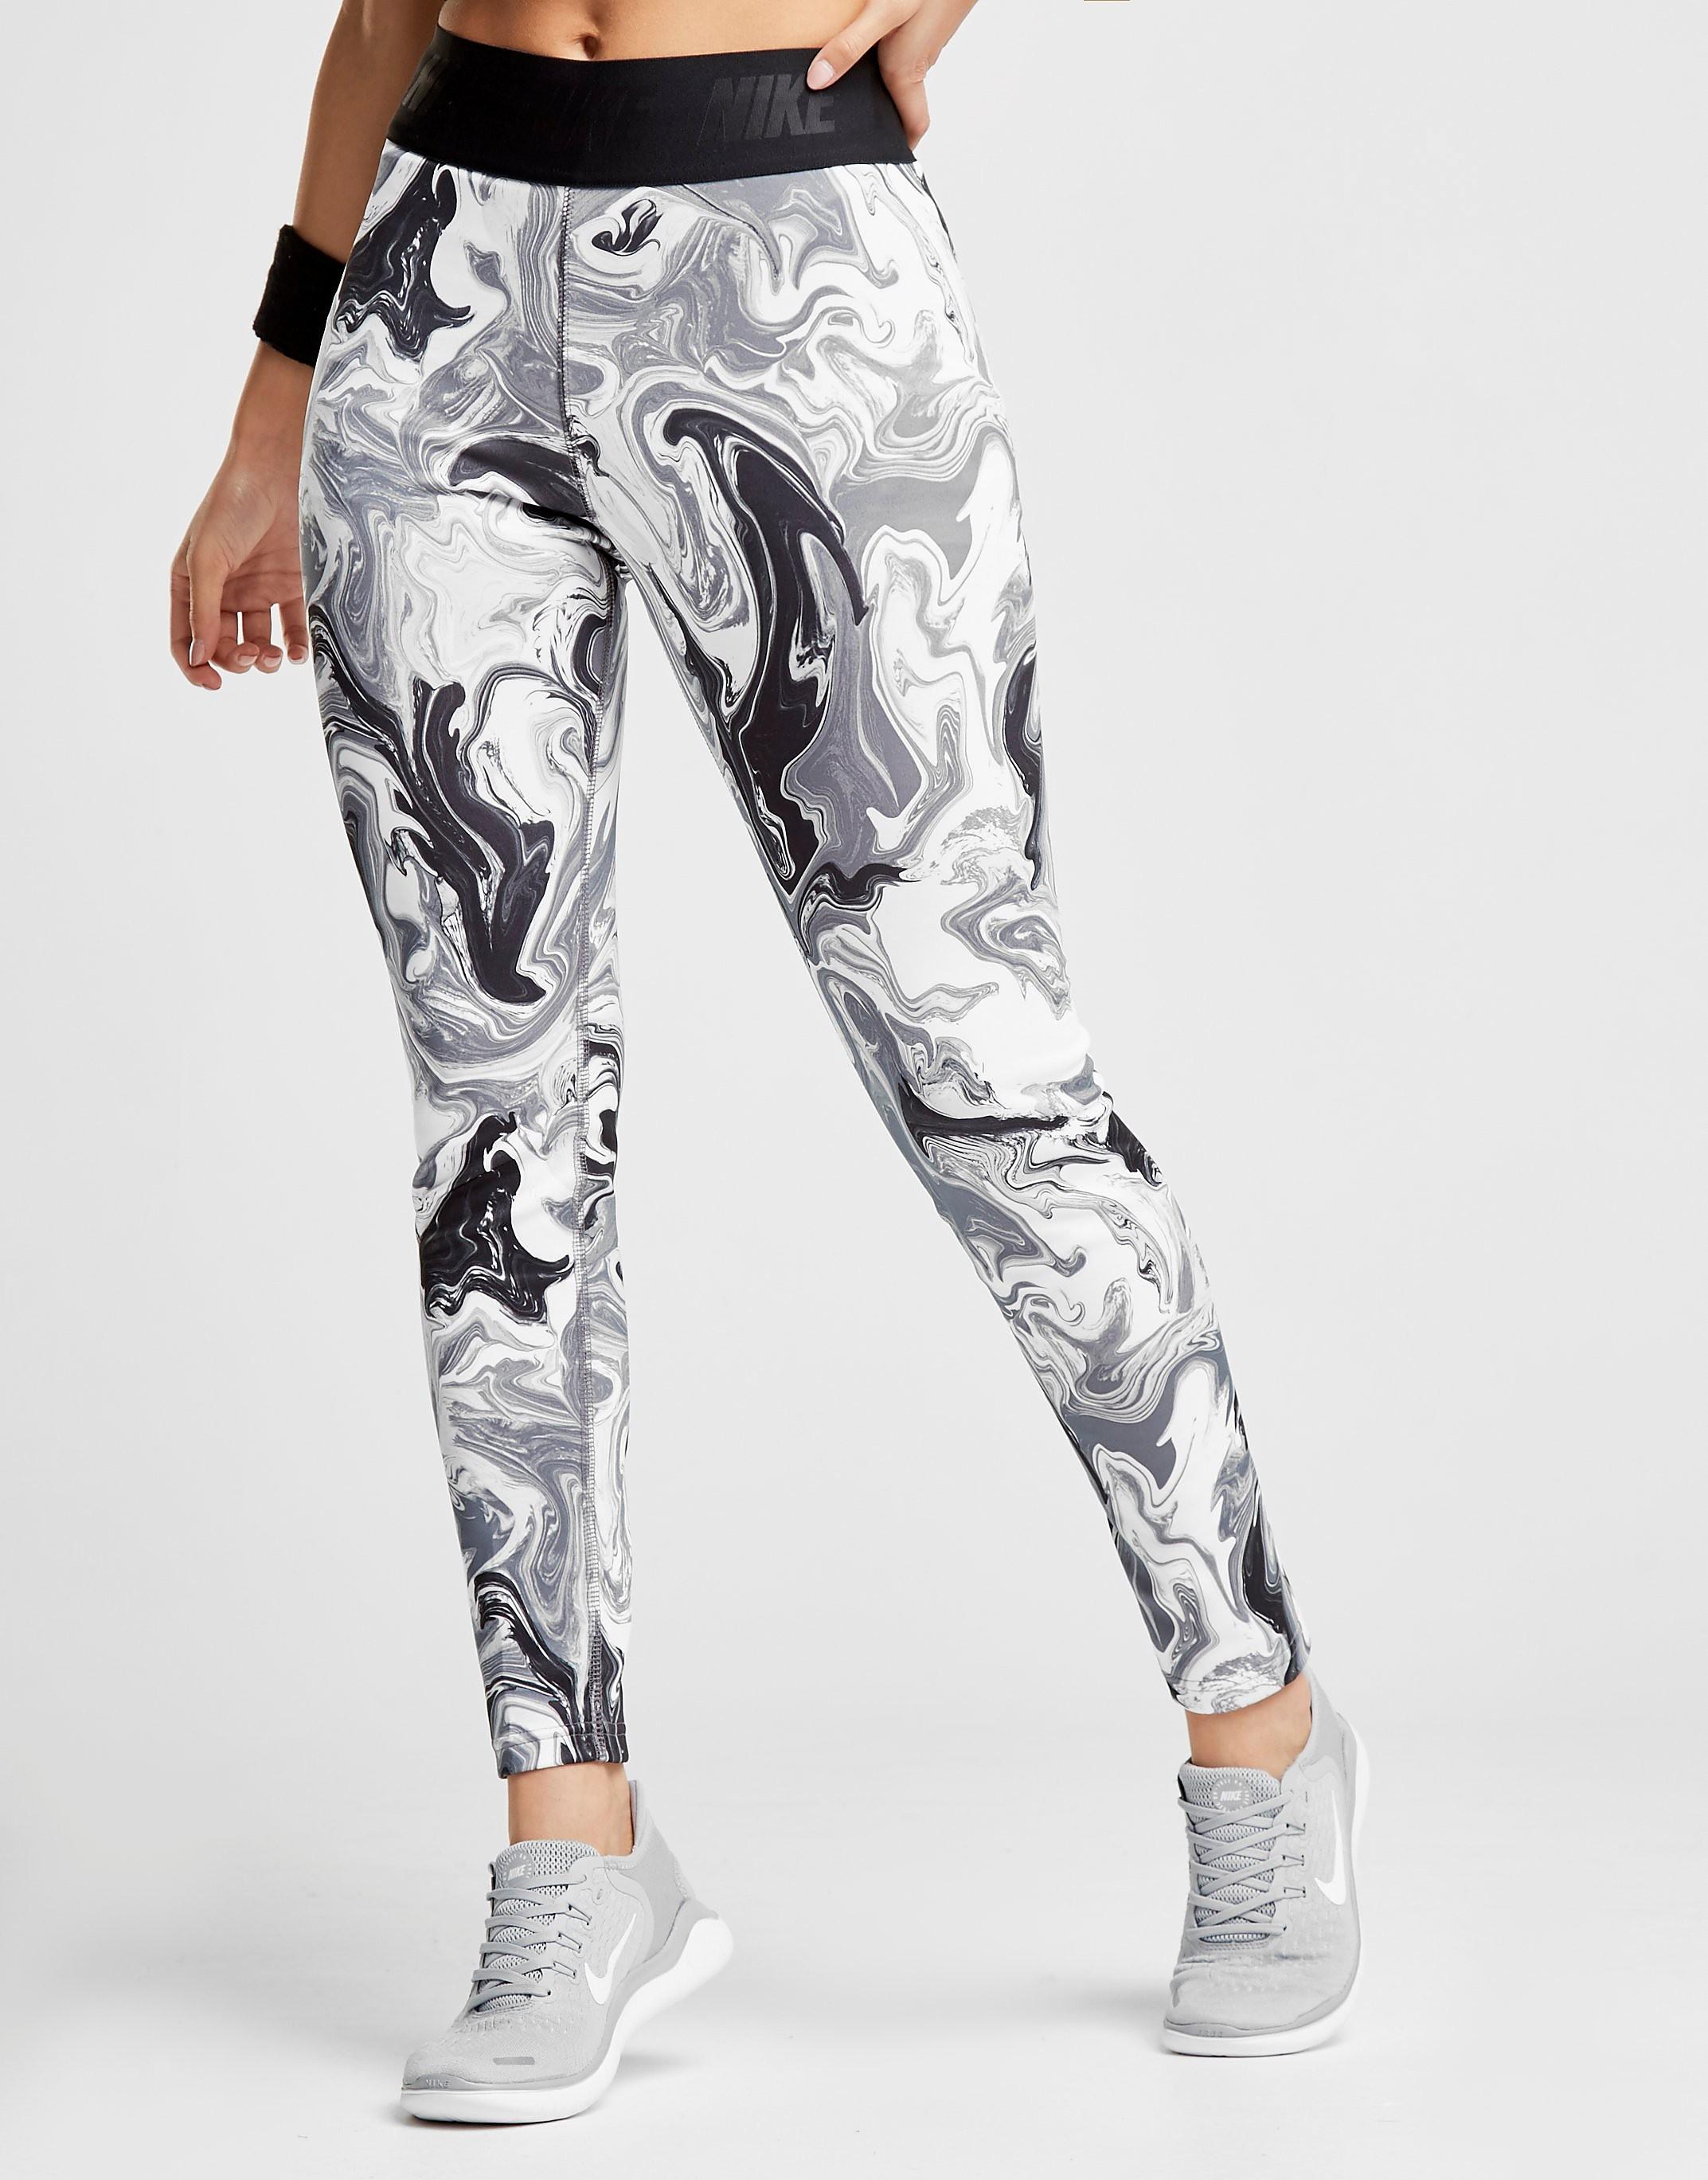 Nike leggings Marble All Over Print